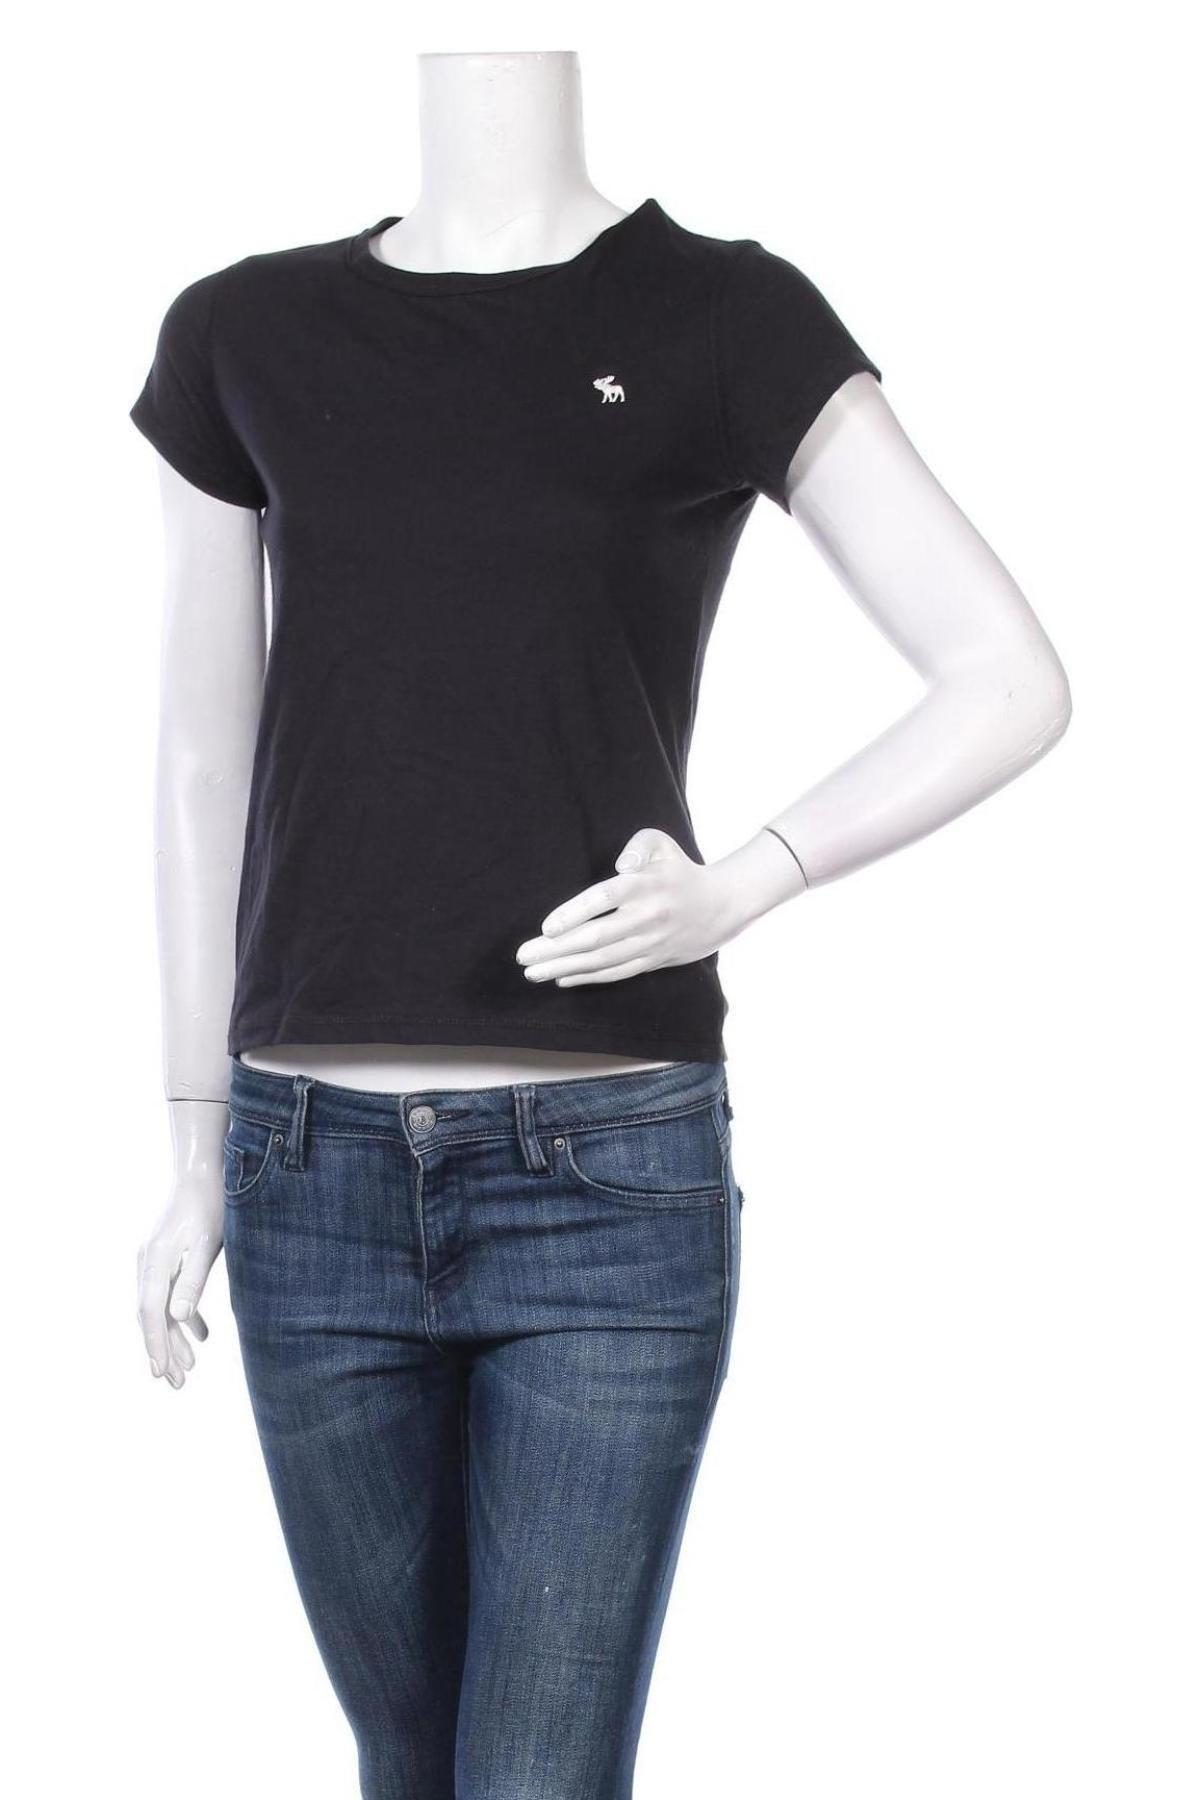 Дамска тениска Abercrombie & Fitch, Размер S, Цвят Черен, Памук, Цена 55,20лв.